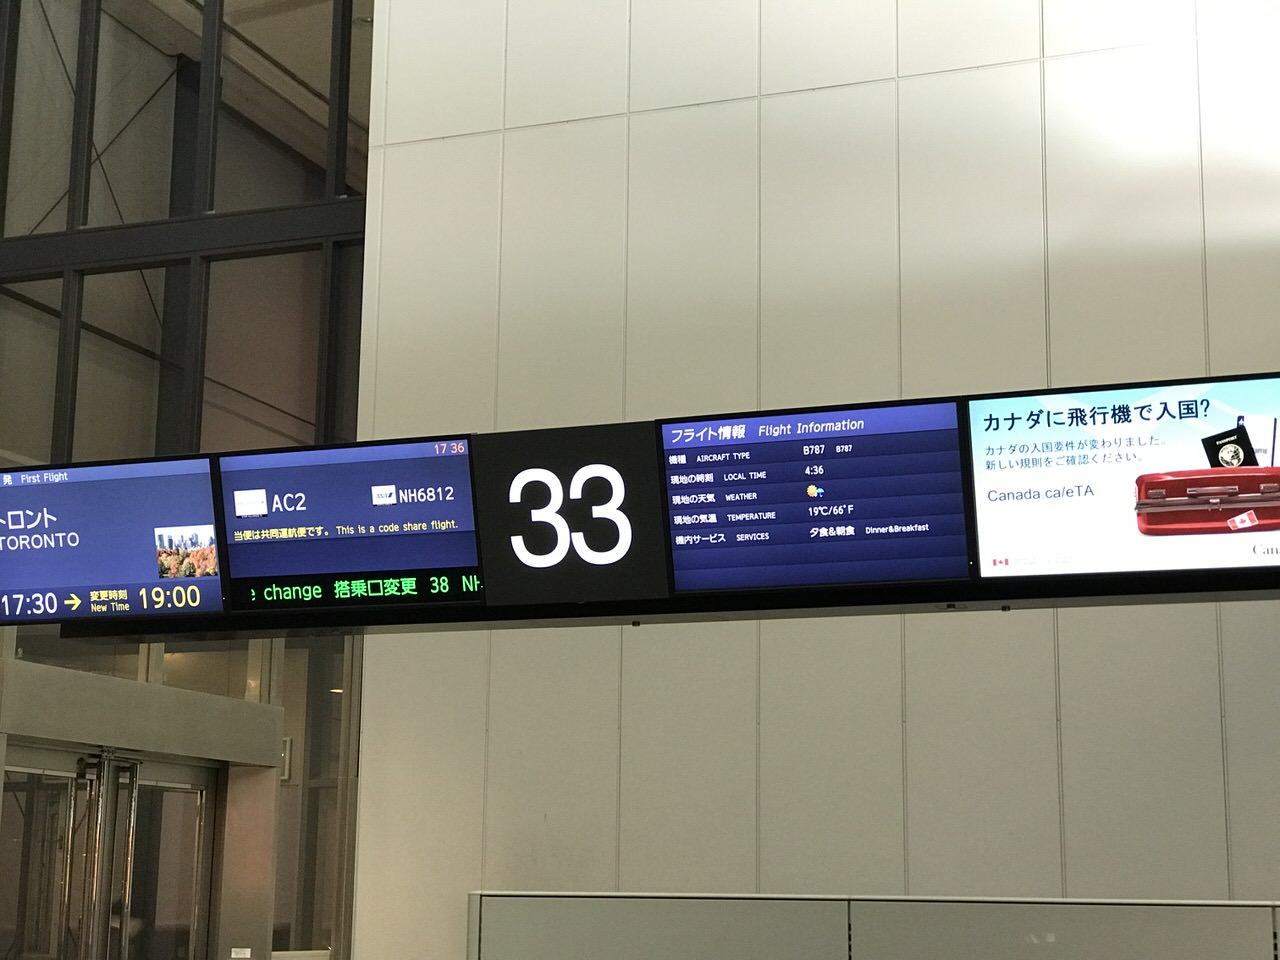 【エアカナダ】成田空港からトロント経由モントリオールへ【AC002】